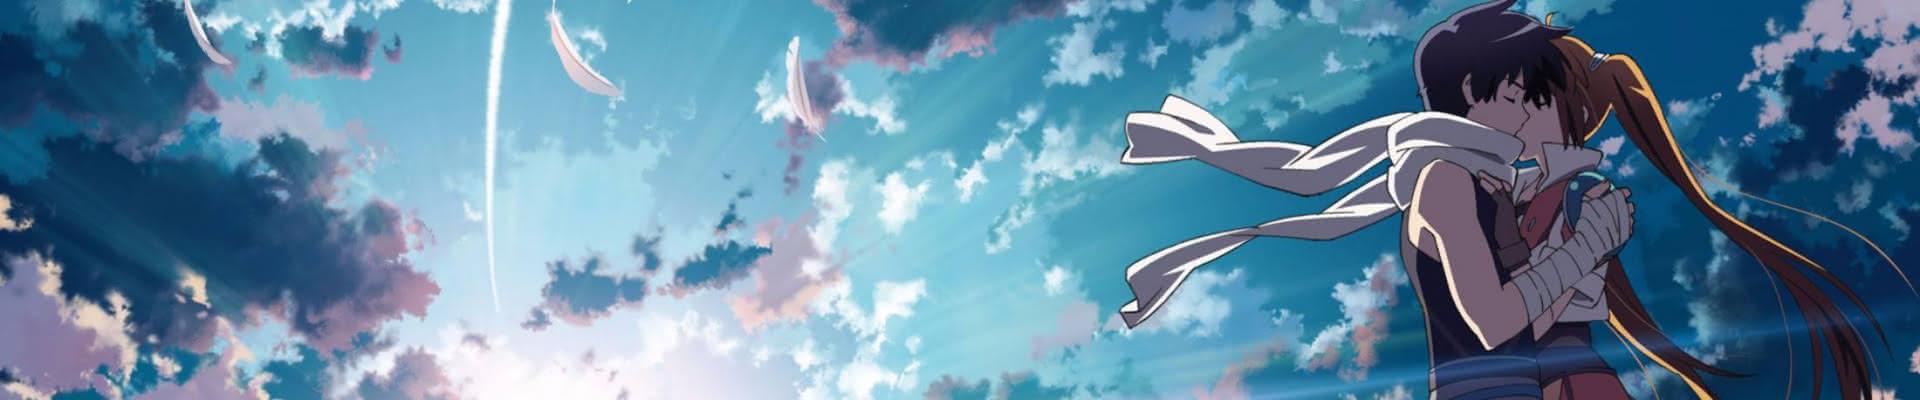 Eiyuu Densetsu : Sora no Kiseki